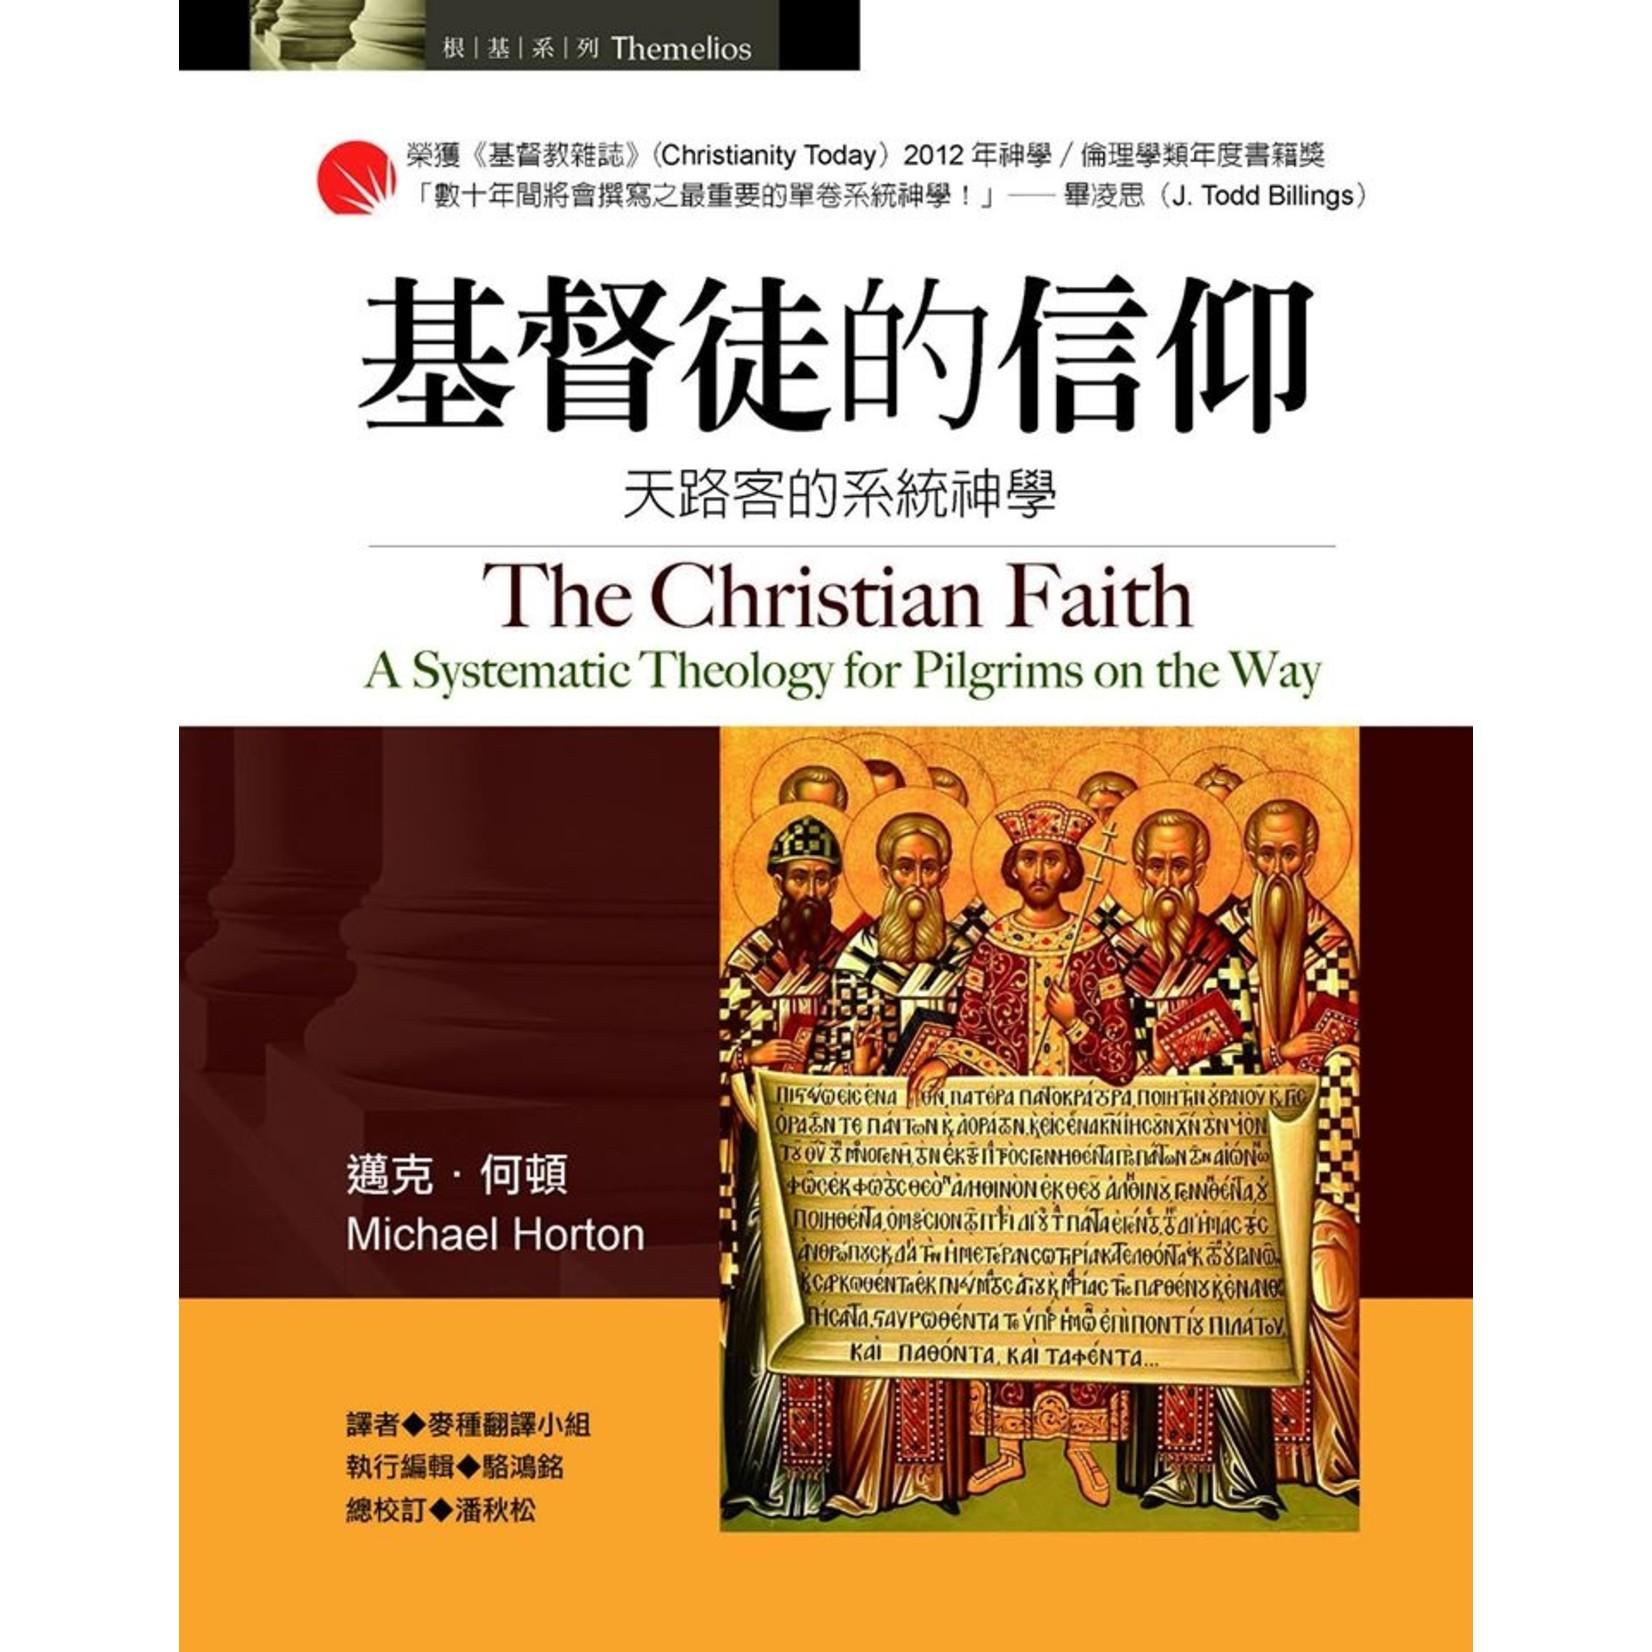 美國麥種傳道會 AKOWCM 基督徒的信仰:天路客的系統神學 The Christian Faith: A Systematic Theology for Pilgrims on the Way